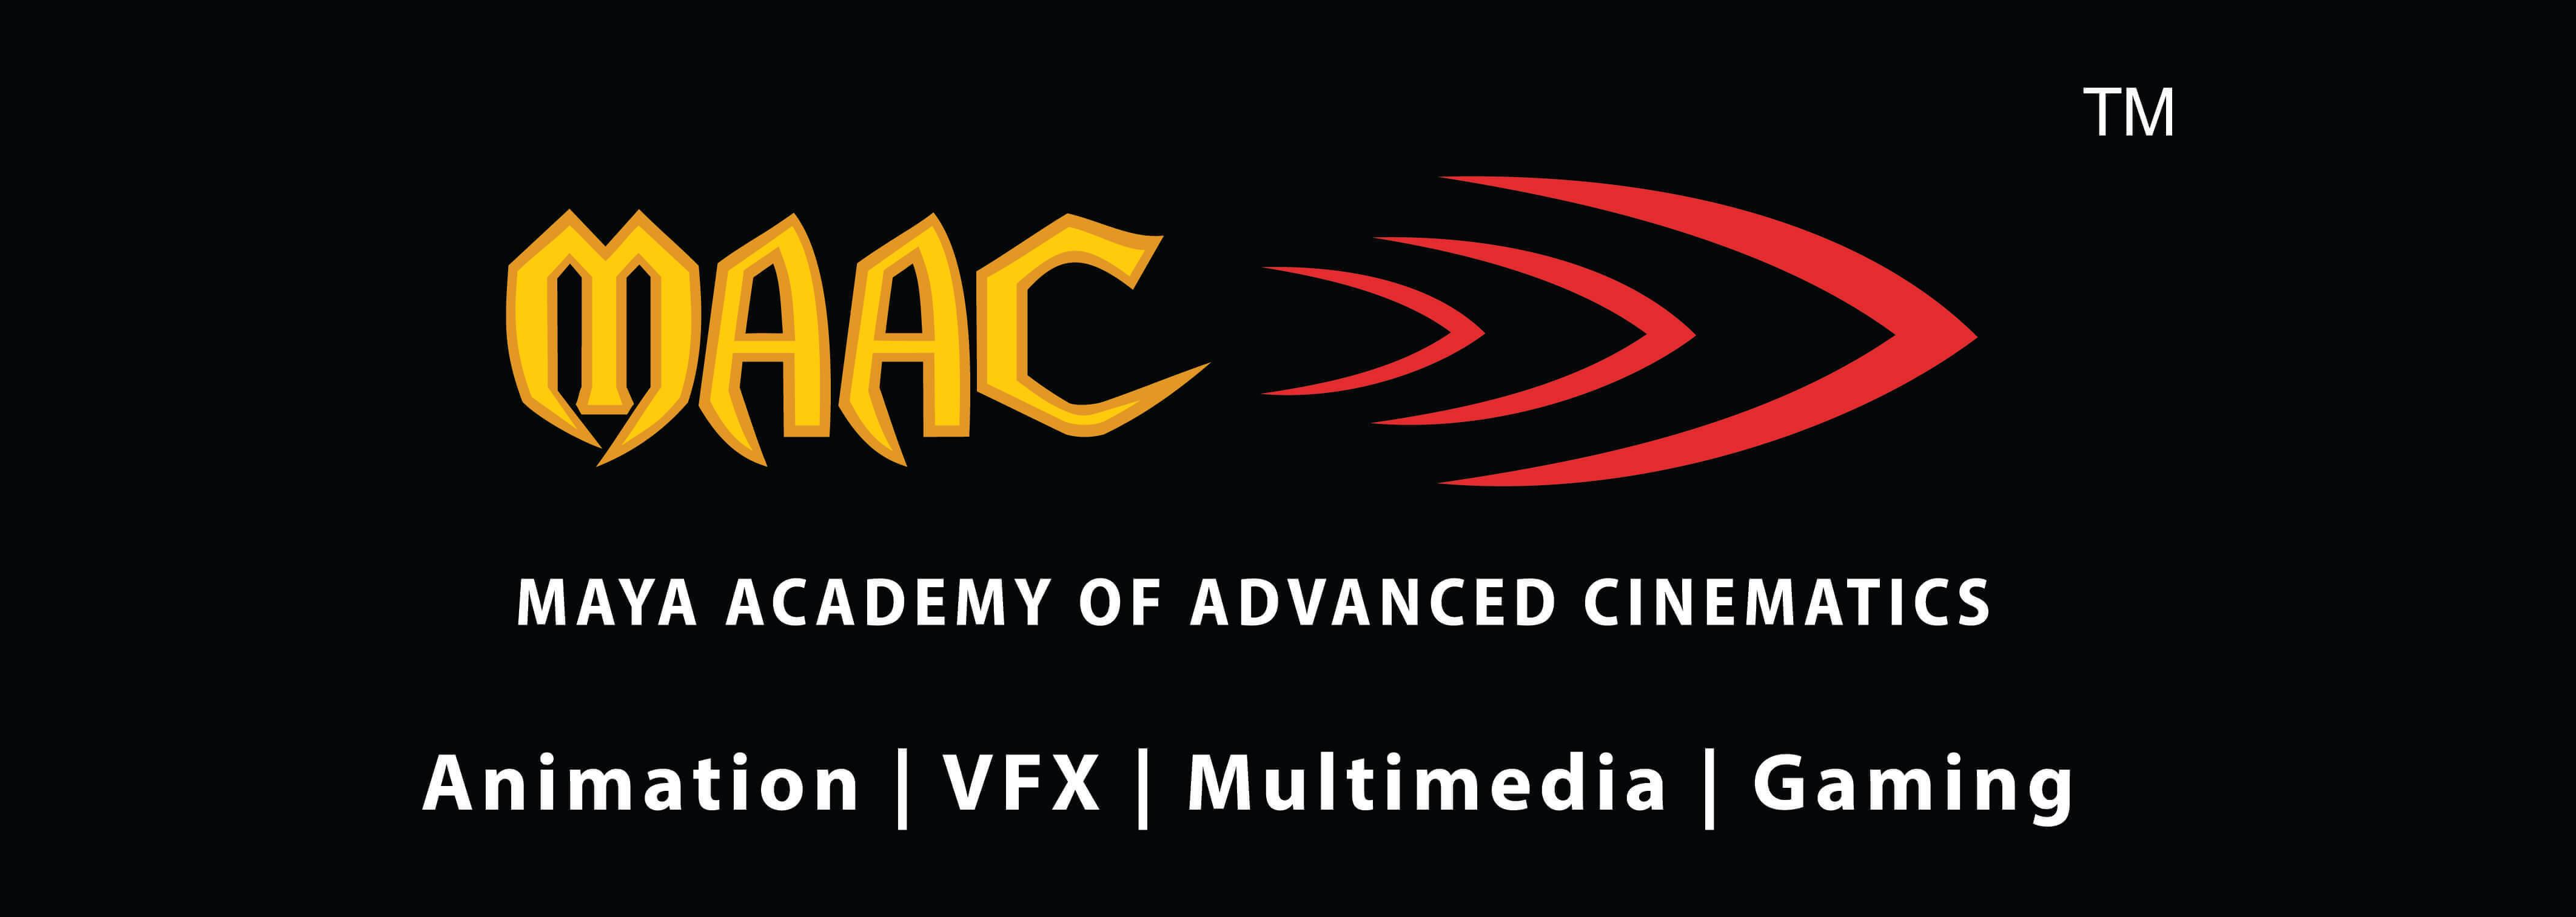 Maya Academy Of Advanced Cinematics Maac Noida